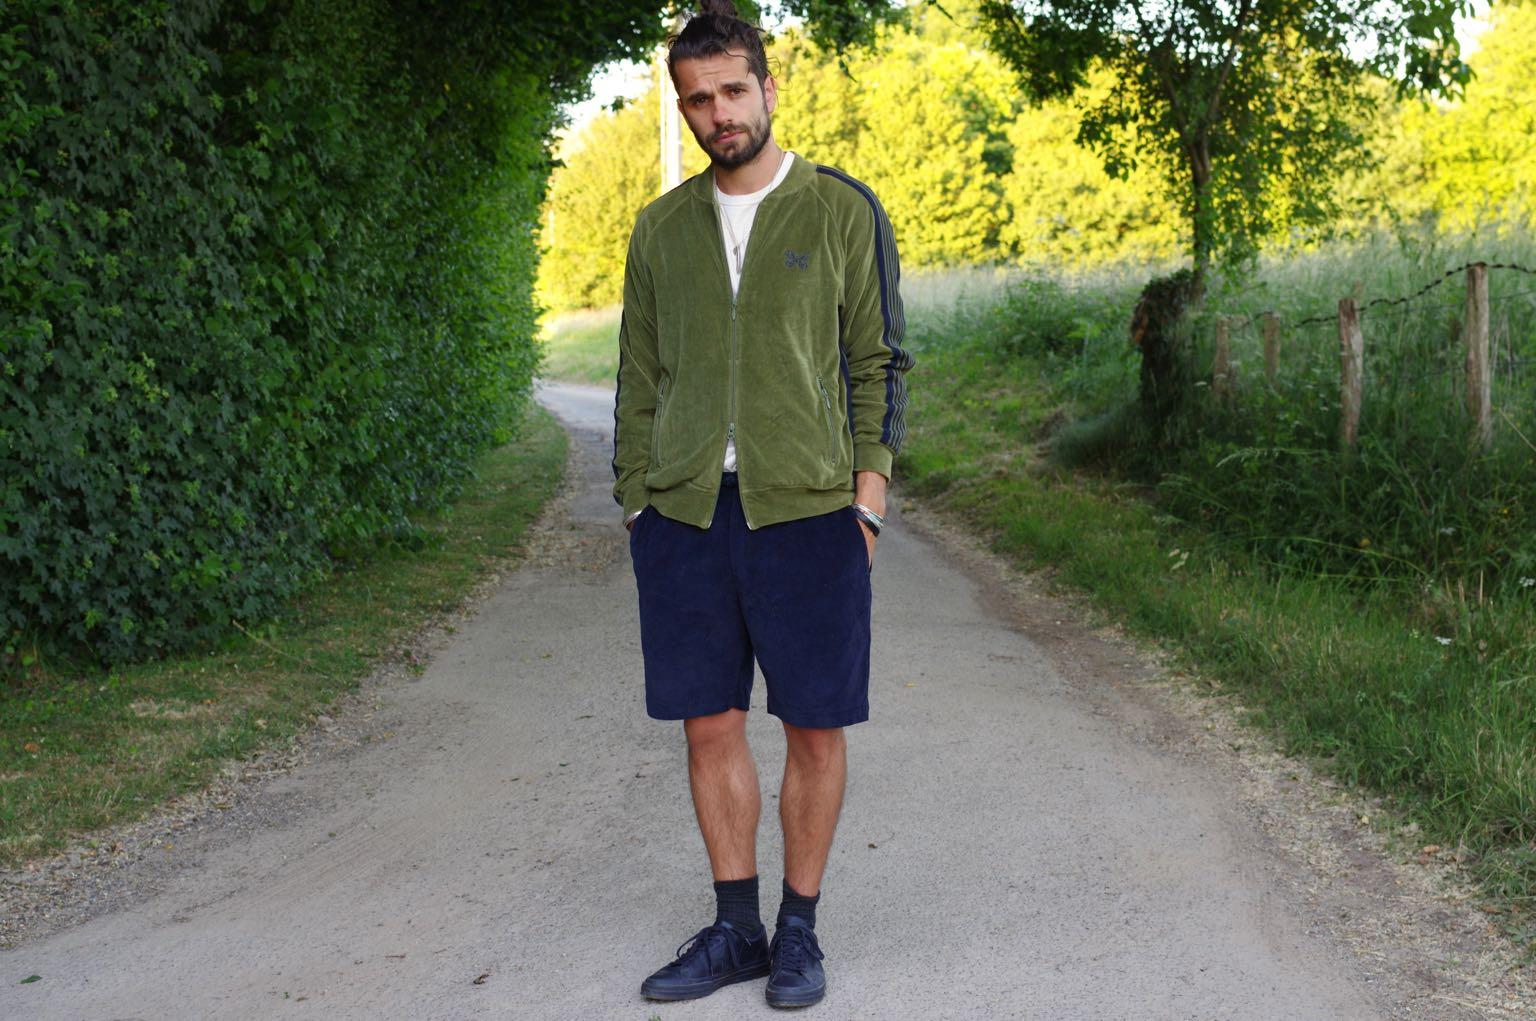 comment porter du velours en été et des vestes de jogging style homme - needles track jacket - kestin iverness short